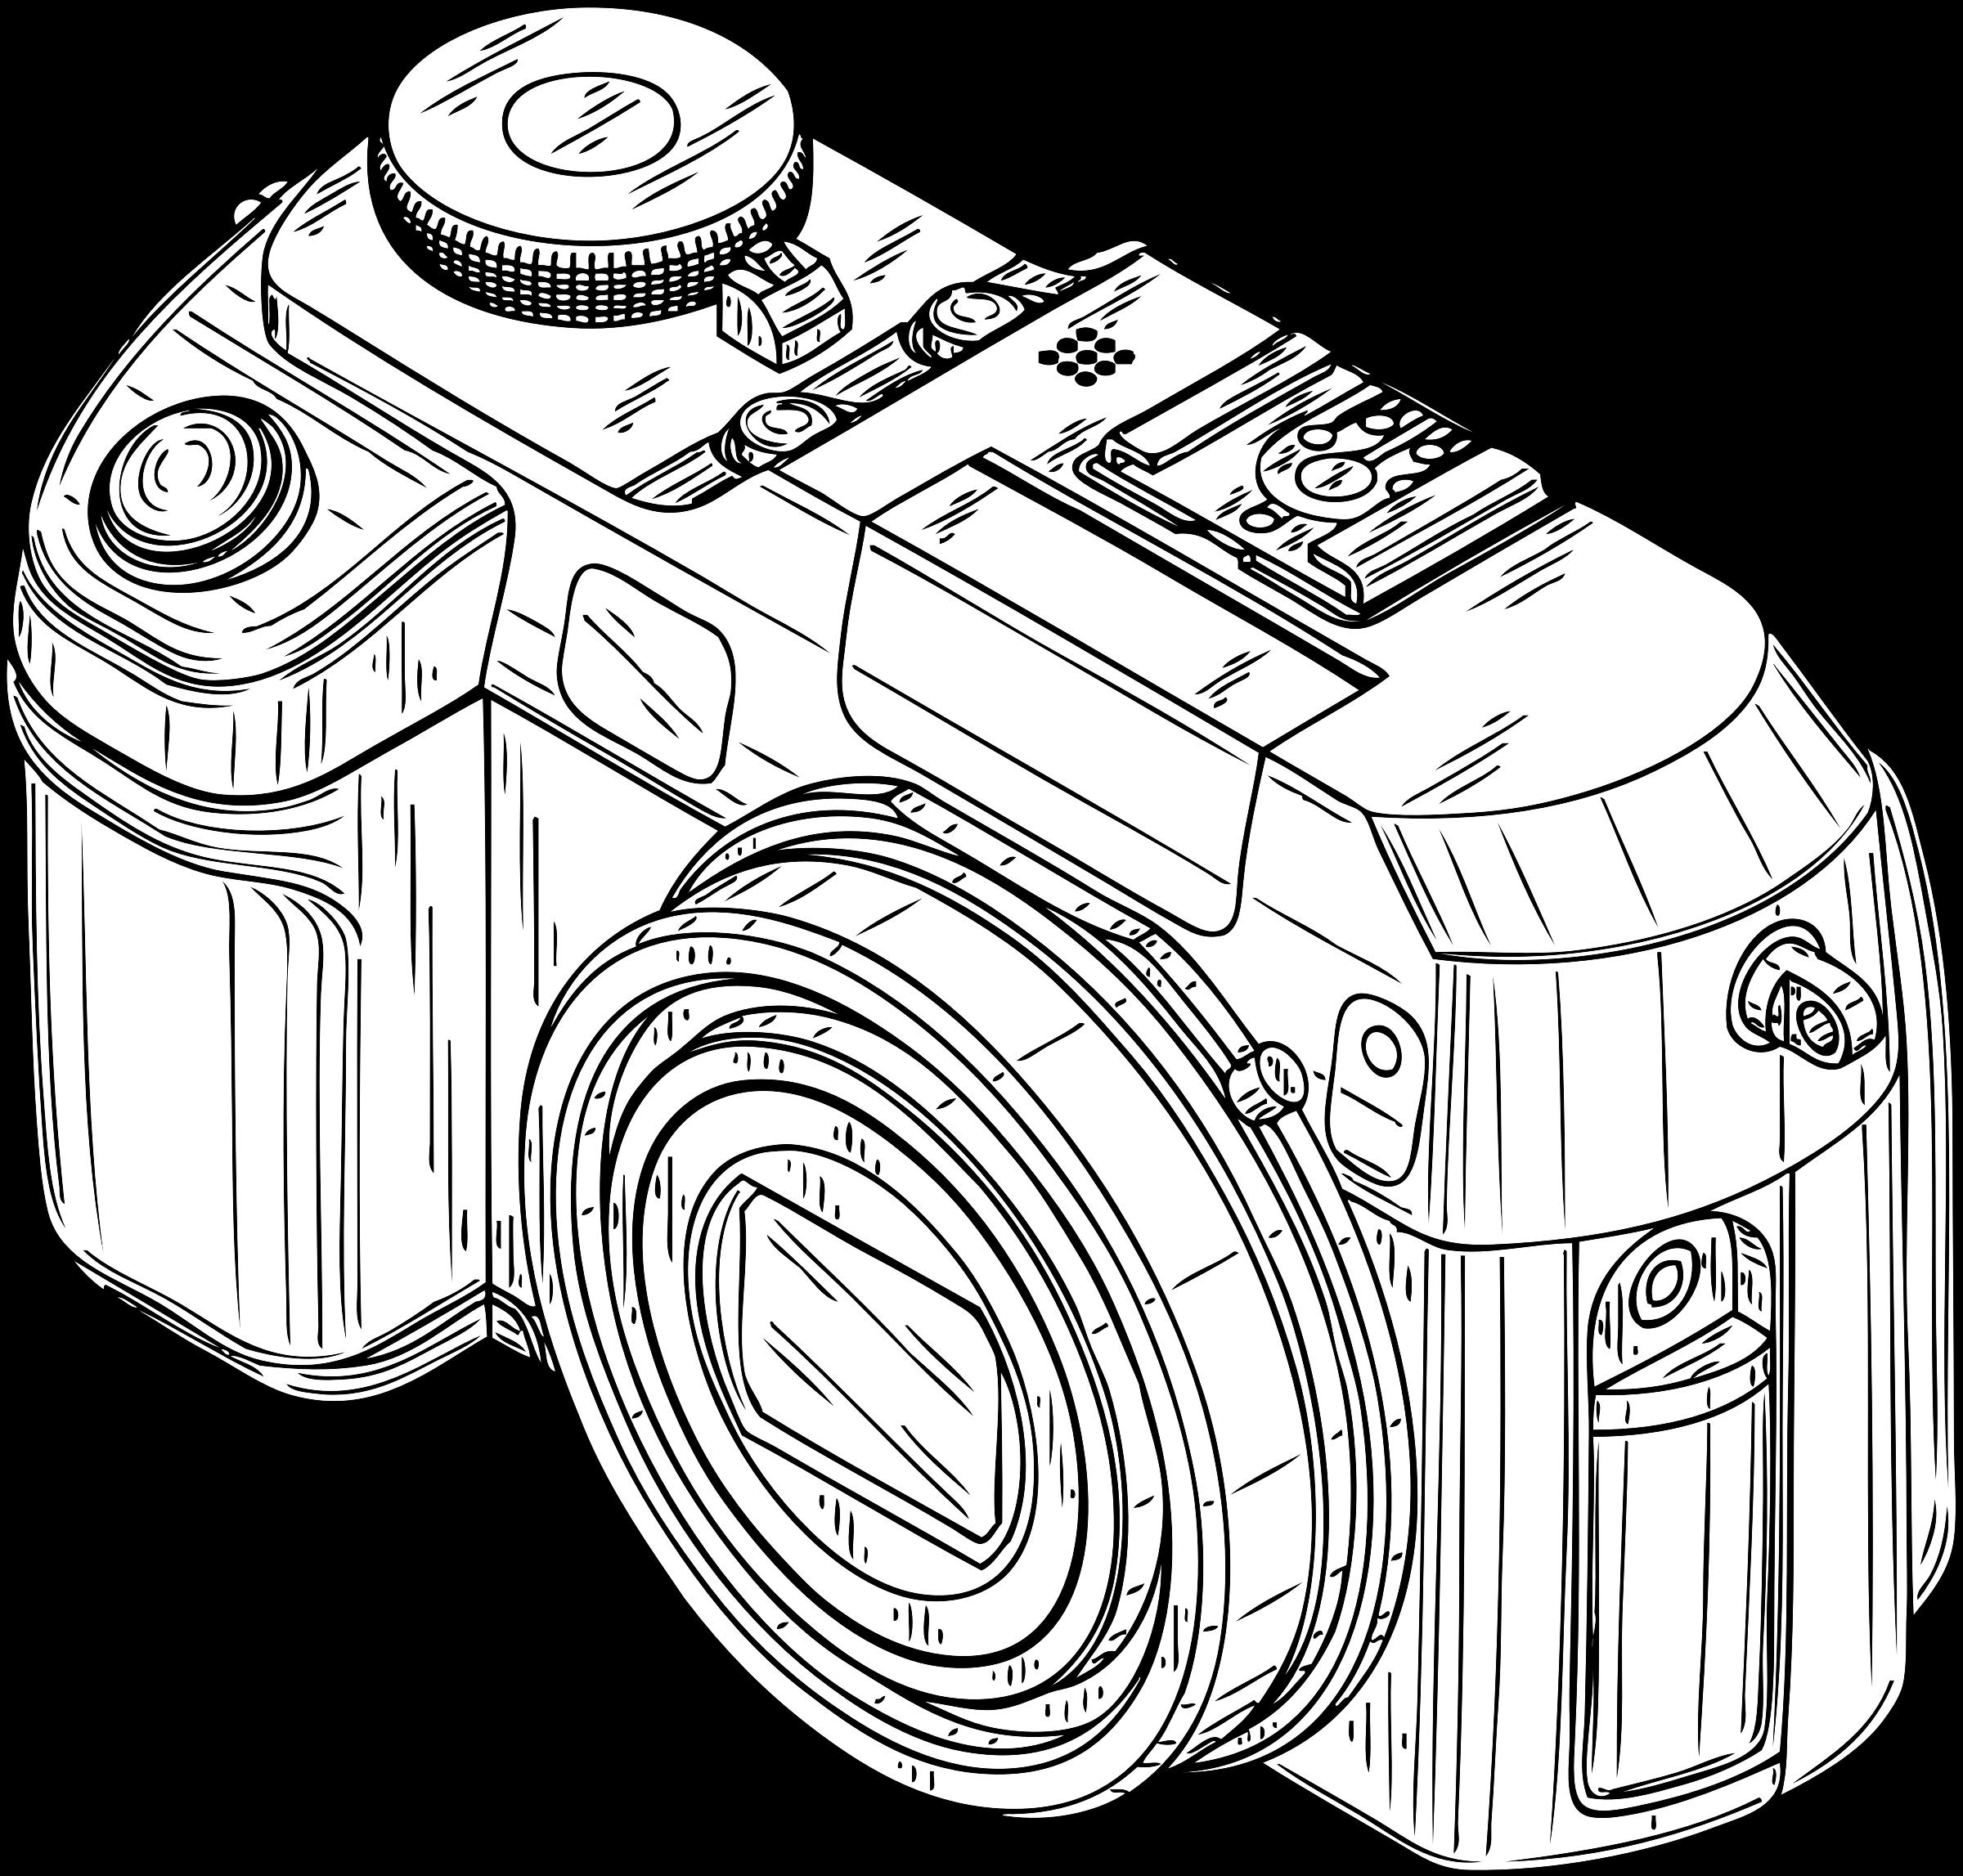 Individual photographs